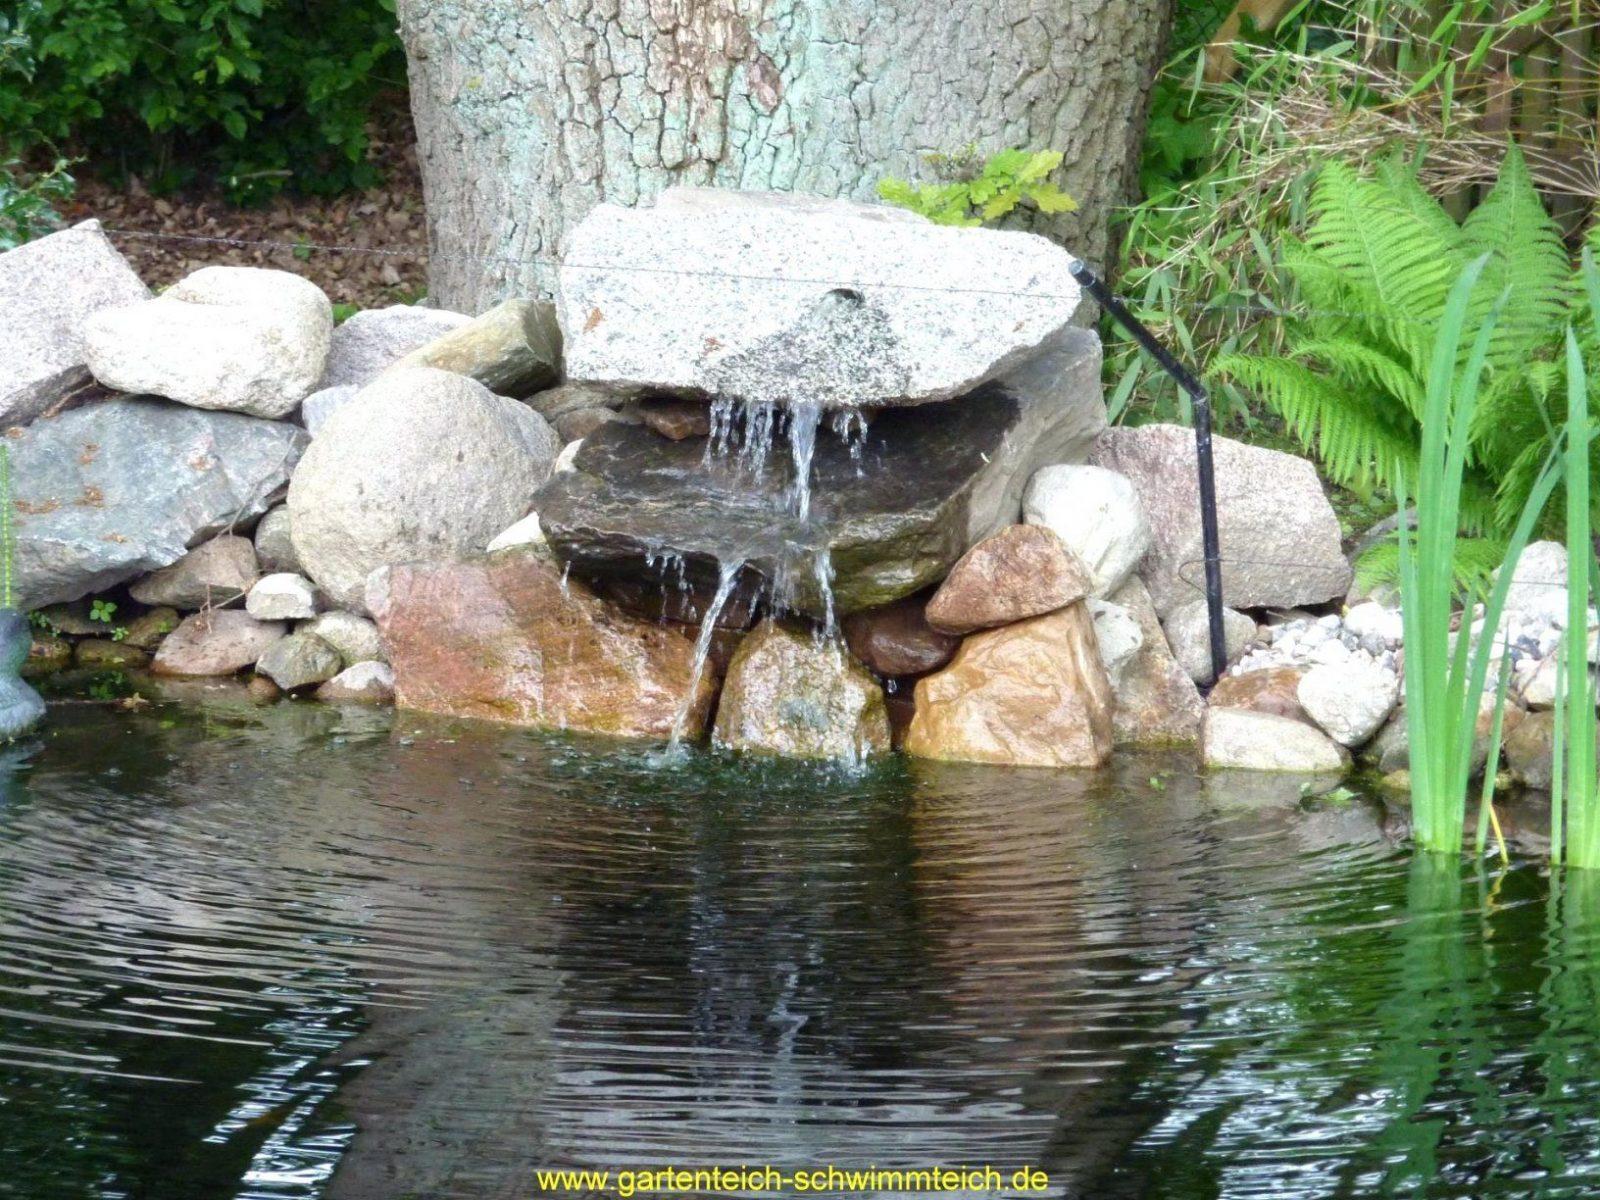 Garten Wasserfall Selber Bauen Im Und Die Harmonie Der Natur von Kleinen Wasserfall Selber Bauen Bild